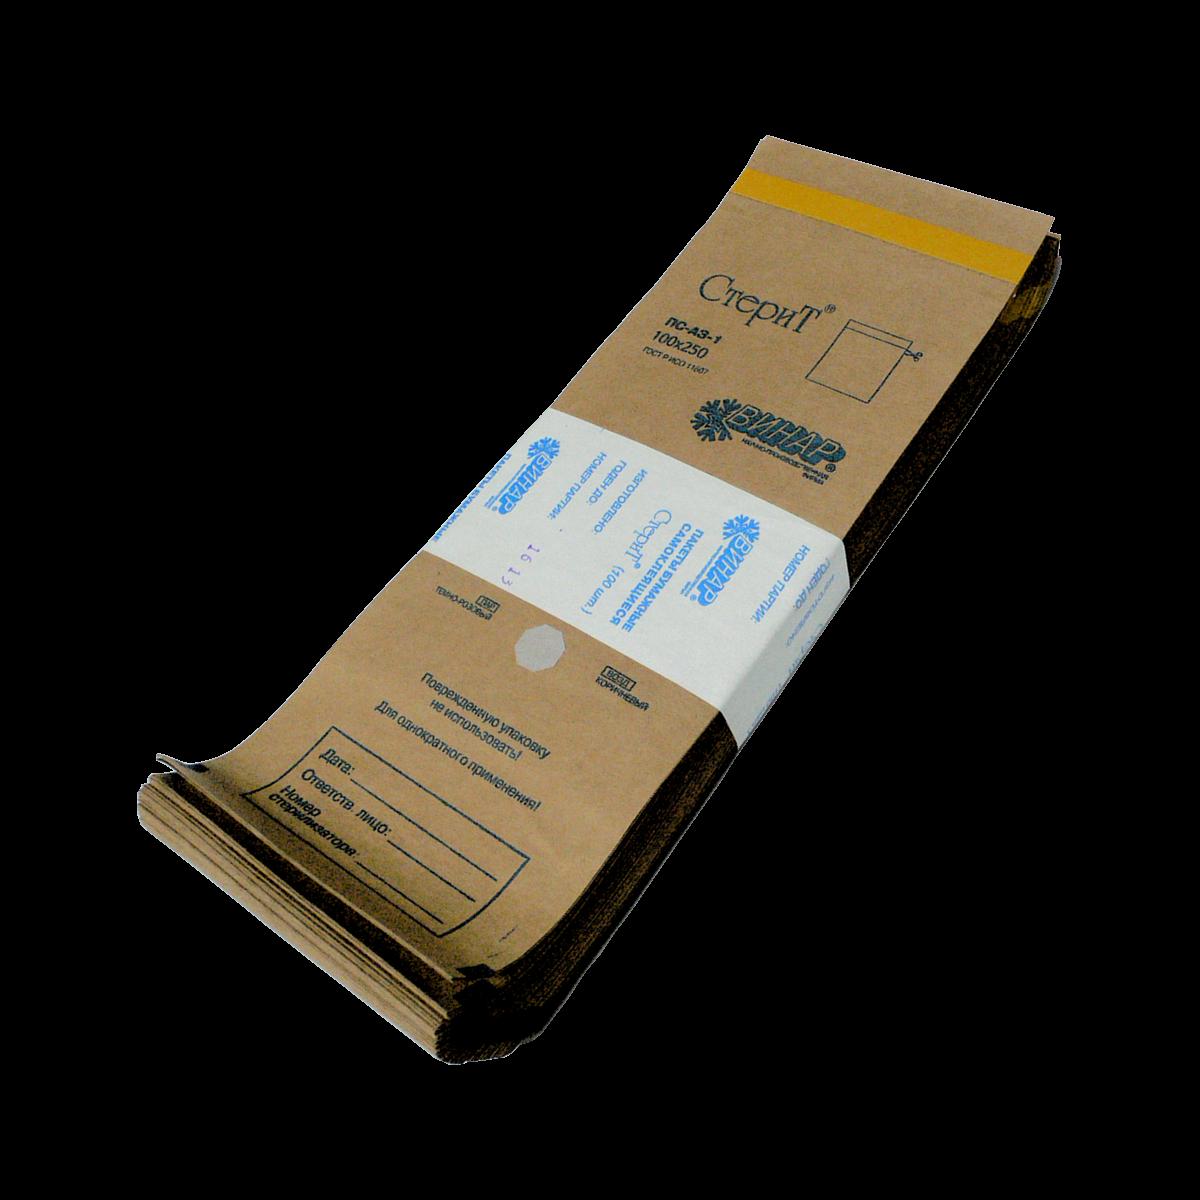 Крафт-пакеты 75х150, самоклеящиеся с индикатором для паровой и газовой стерилизации (Сухожар) (2,89 руб/шт)